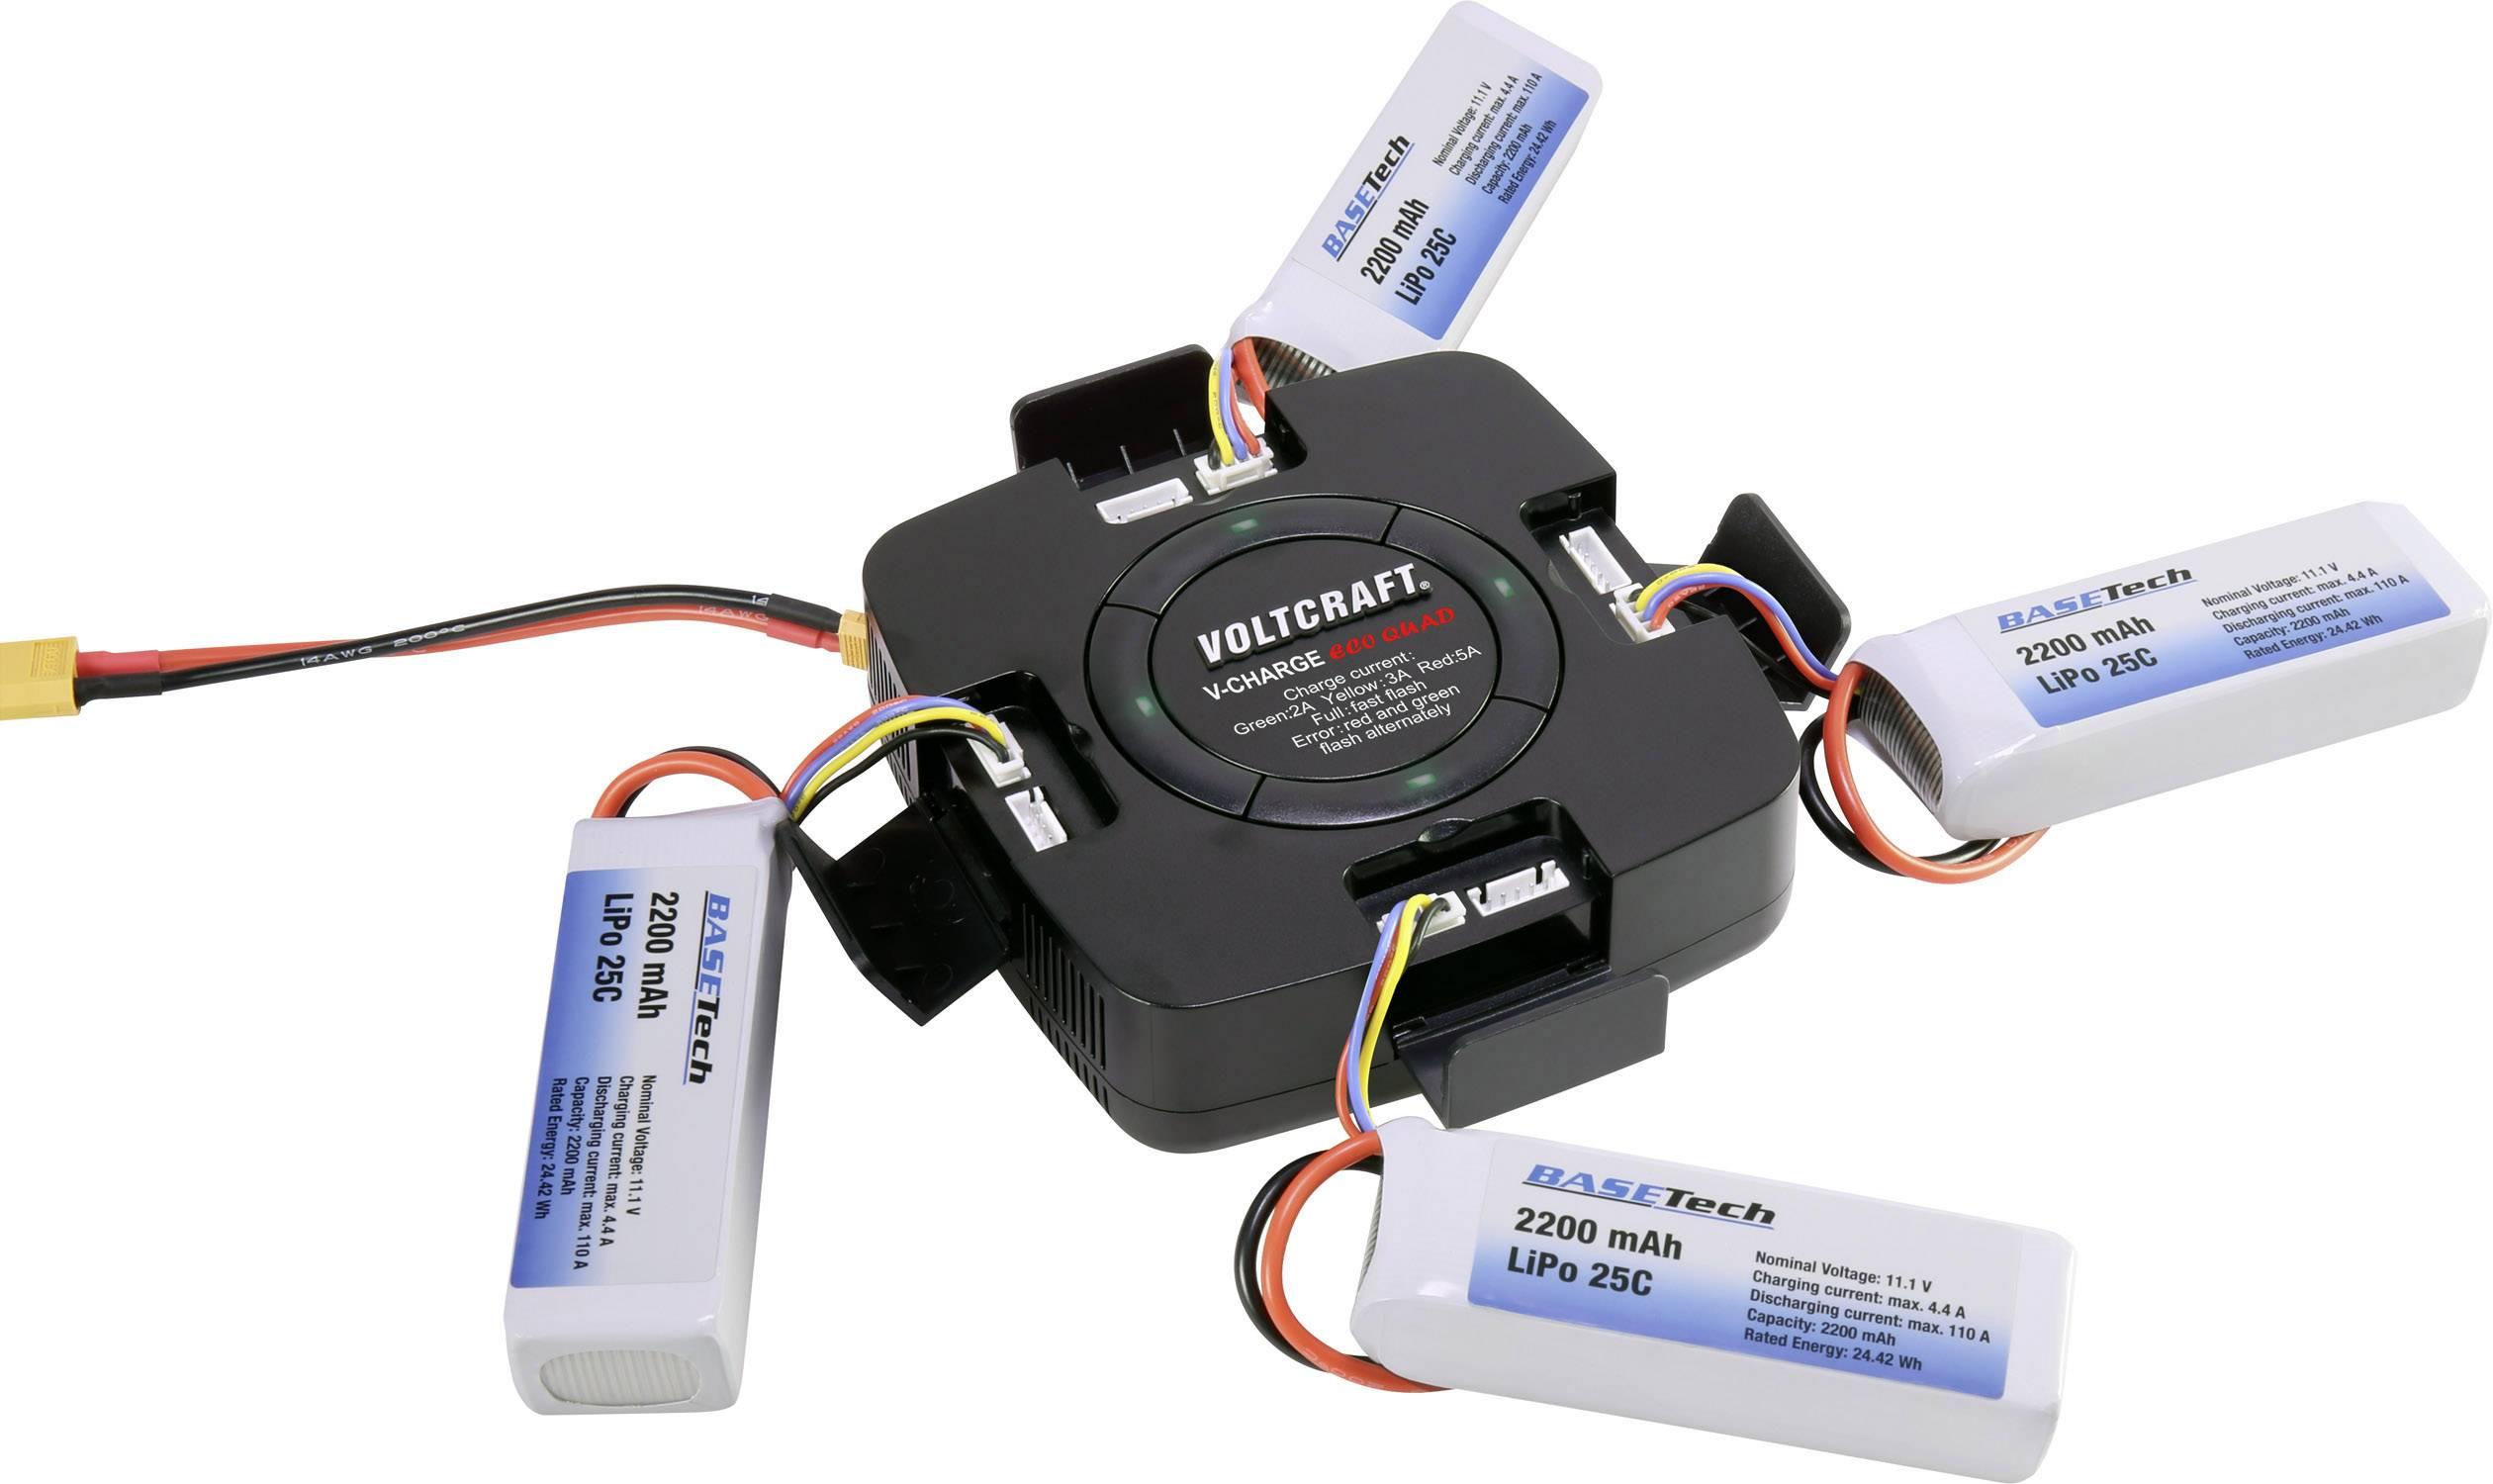 Modelářská nabíječka VOLTCRAFT V-Charge Eco Quad 1590606, 12 V, 32 V, 5 A